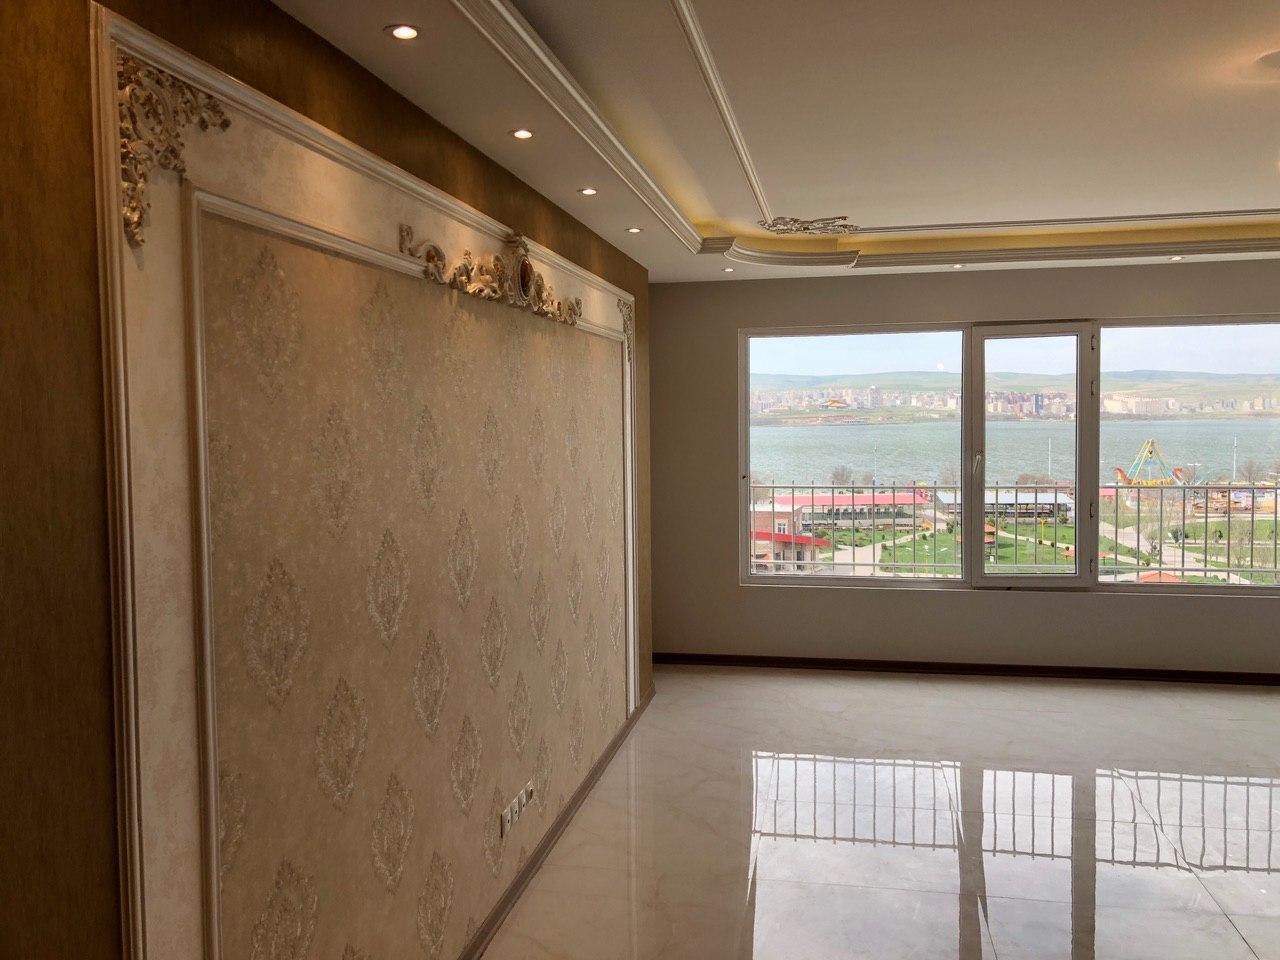 فروش طبقه پنجم از آپارتمان 7 طبقه در میدان پلیس